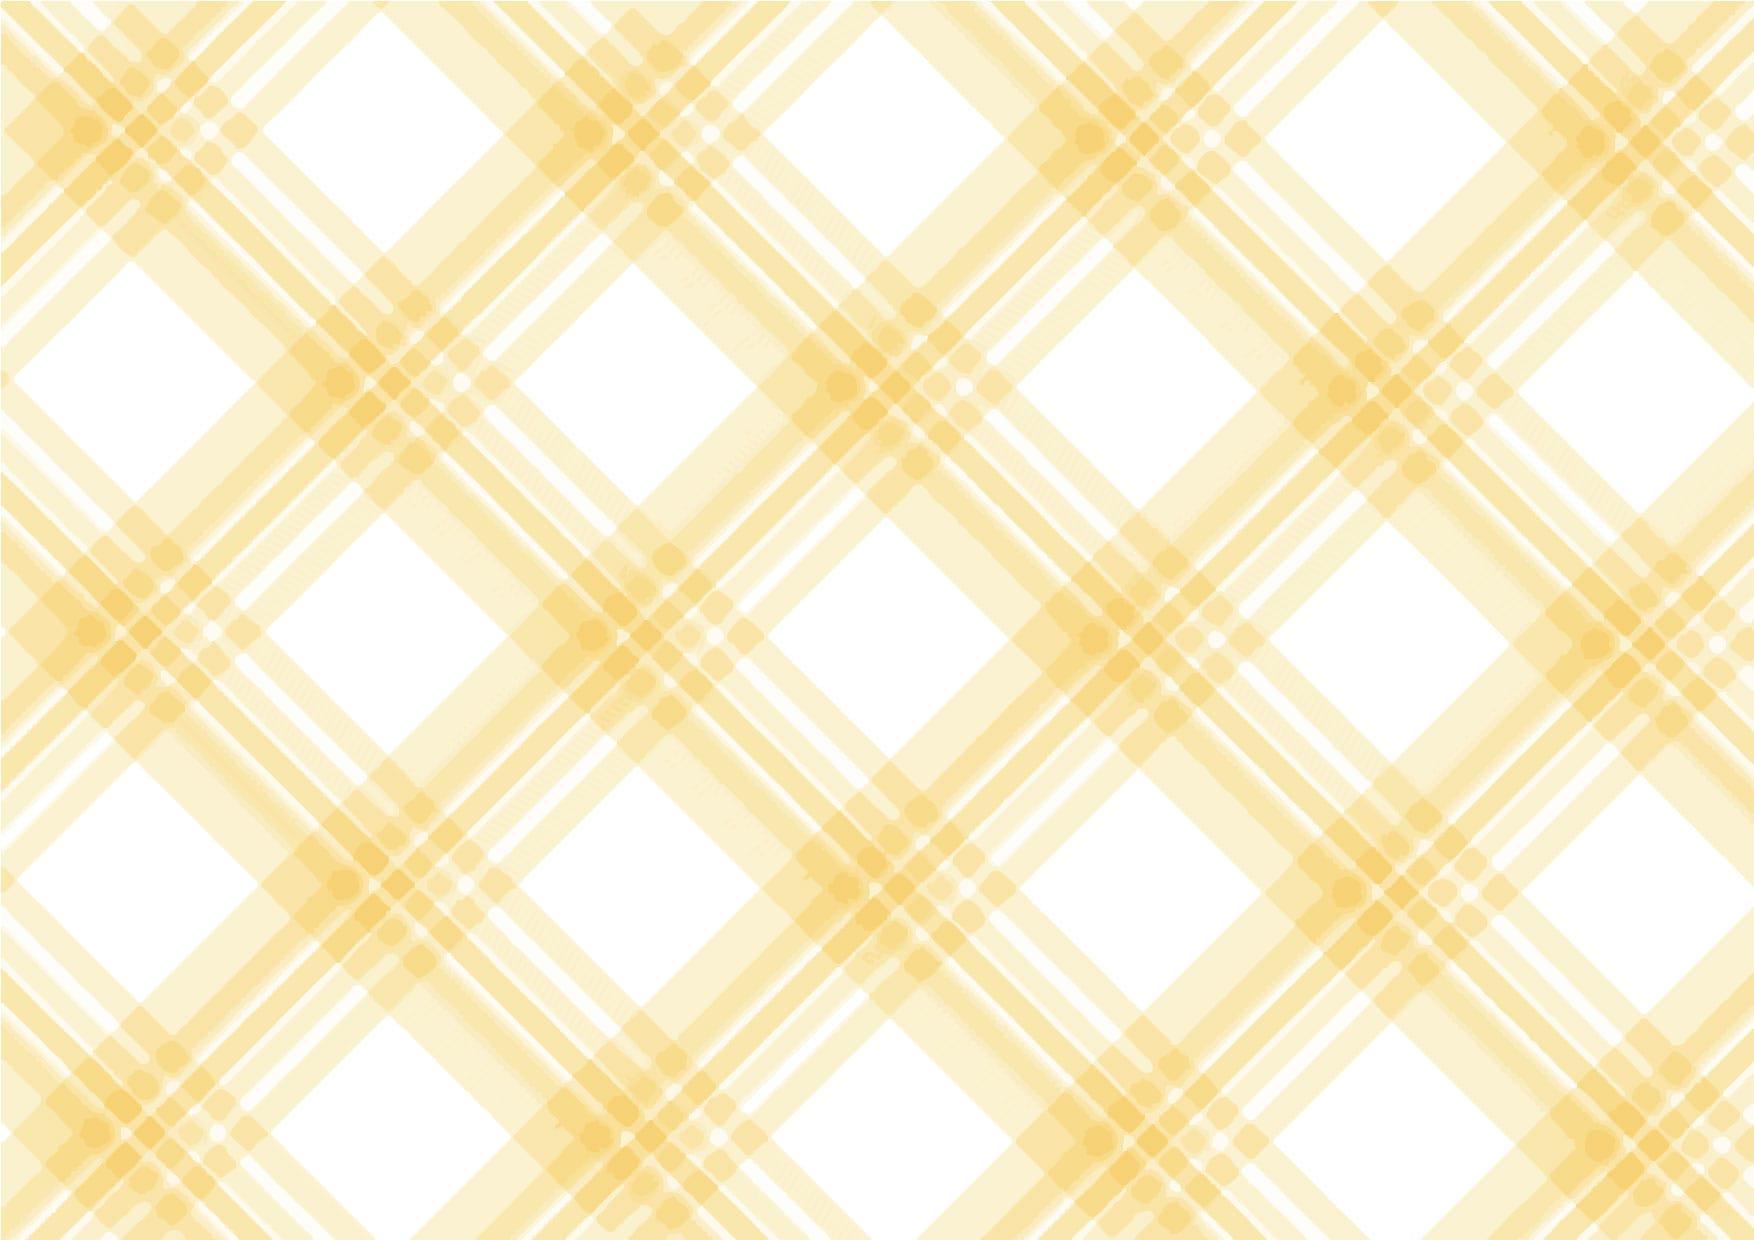 可愛いイラスト無料|手書き チェック柄 黄色 背景2 − free illustration Handwritten check pattern yellow background